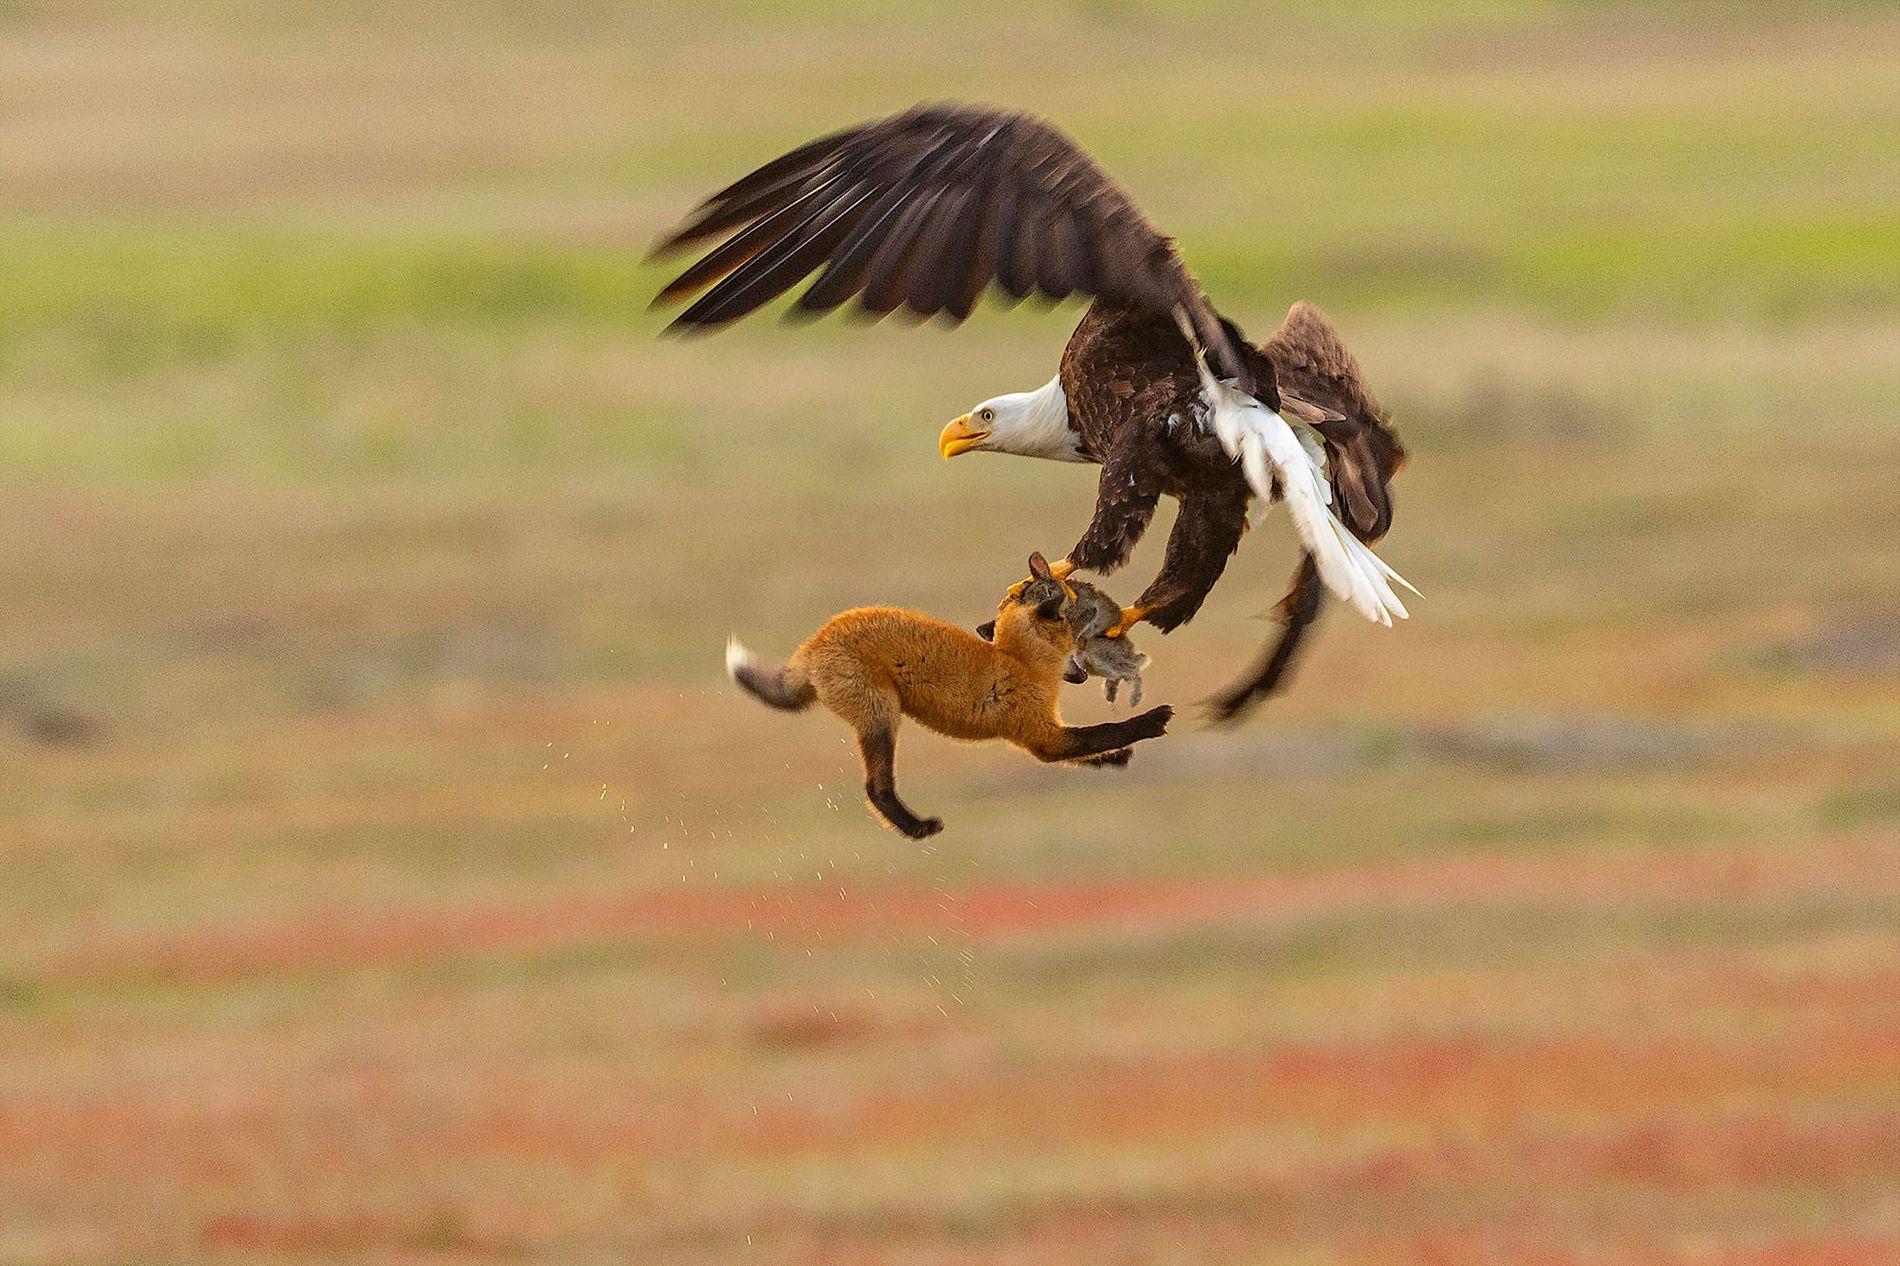 Kevin Ebi, photographe animalier, pensait que le renard serait déstabilisé par l'action de l'aigle et qu'il ...